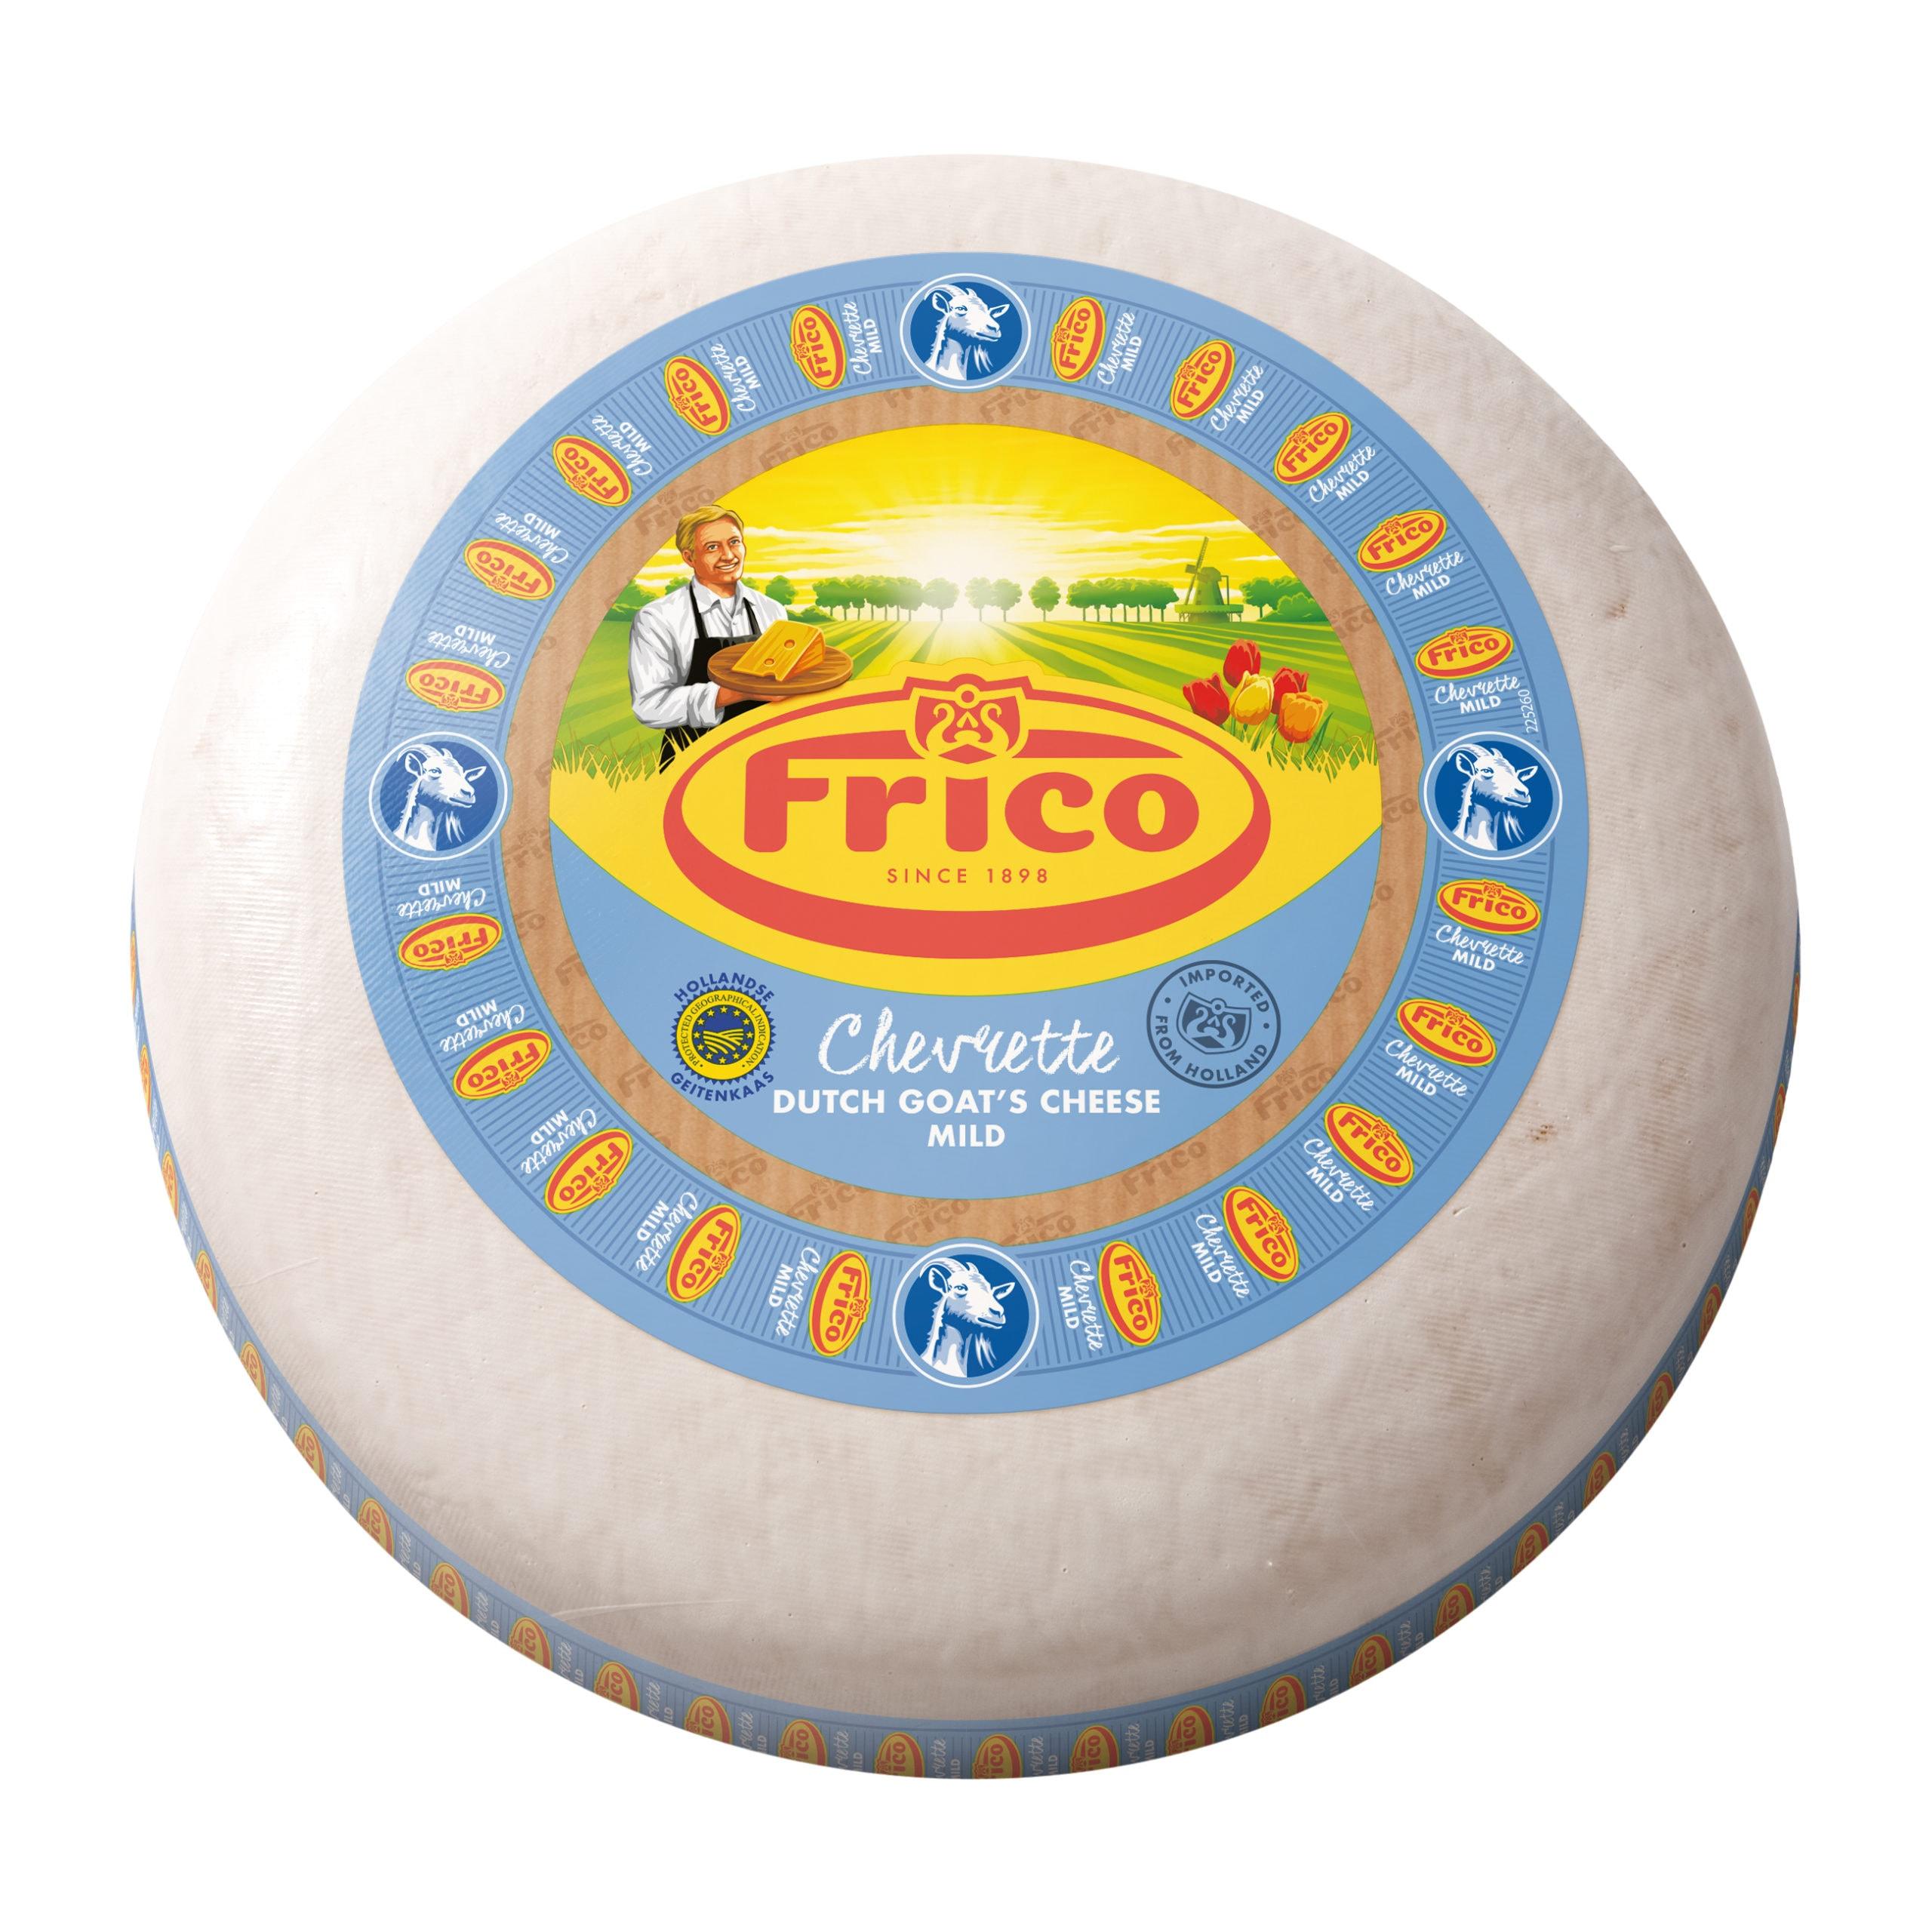 Frico Chevrette (Goat's Milk Cheese)